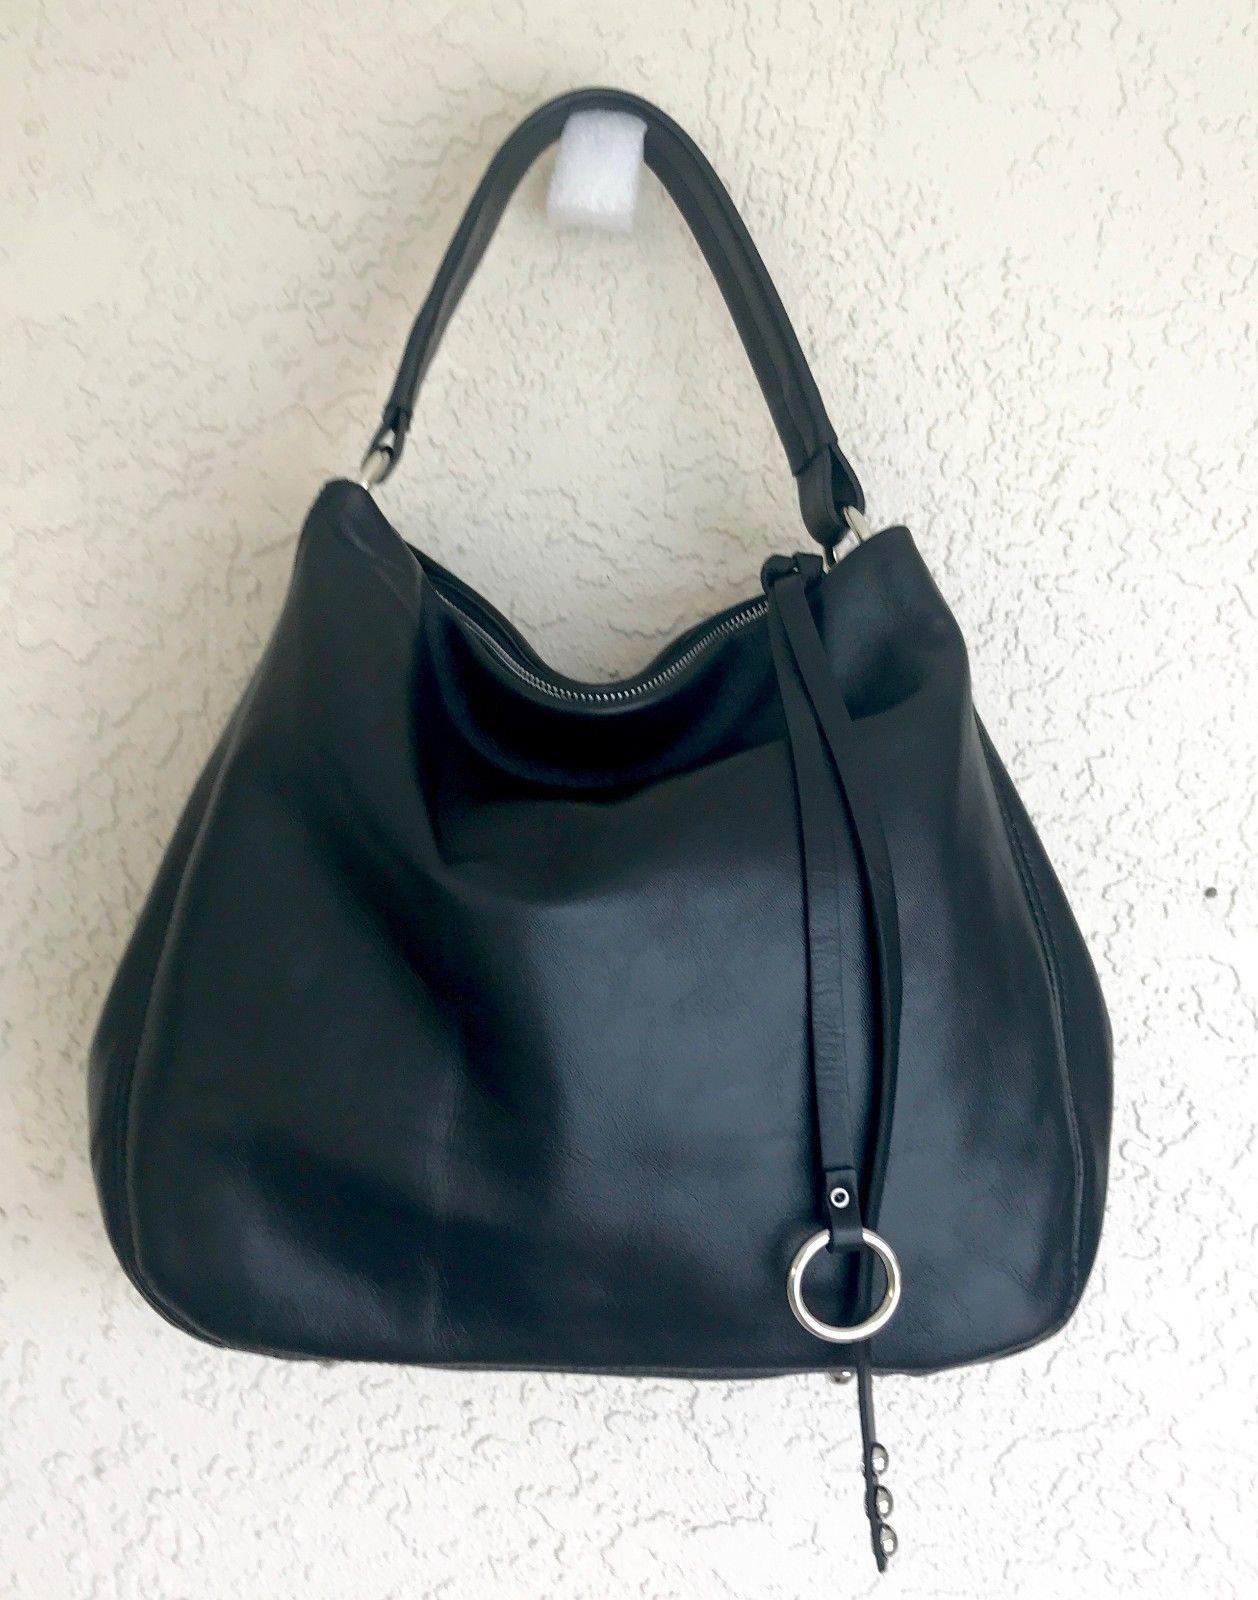 Black Made in Italy Calfskin Smooth Leather Hobo Handbag Shoulder Bag Satchel